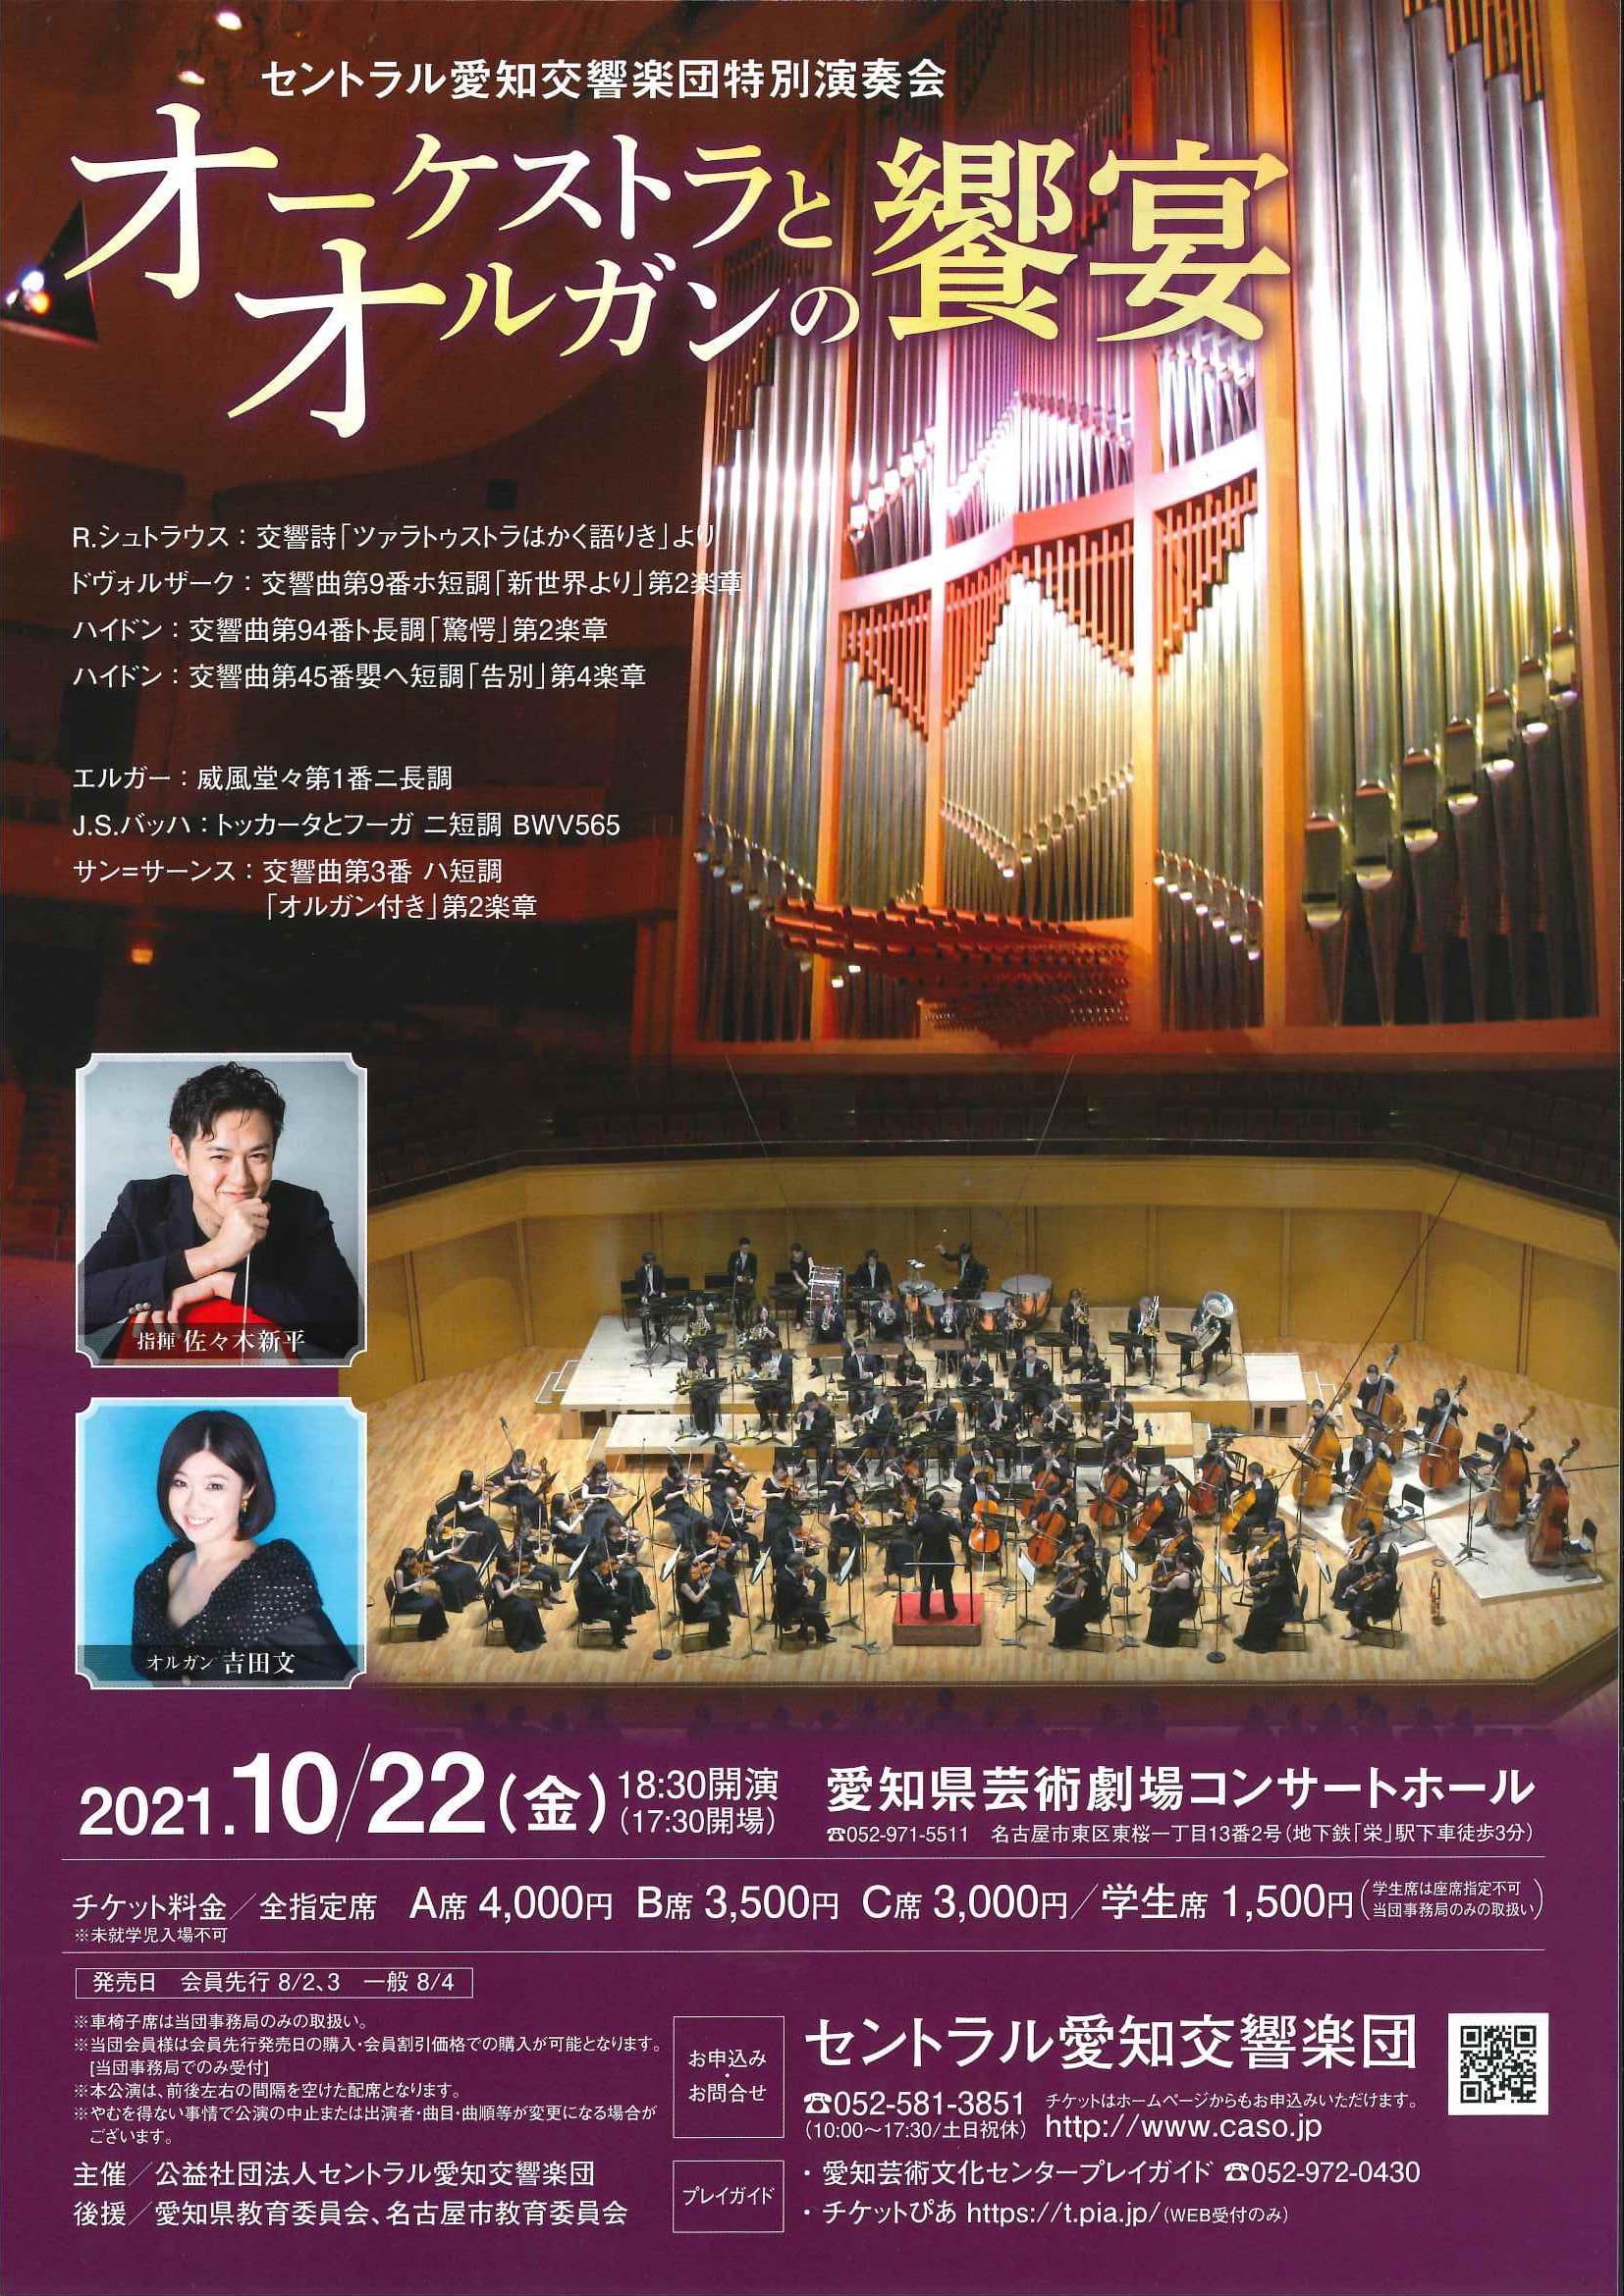 セントラル愛知交響楽団特別演奏会~オーケストラとオルガンの饗宴~